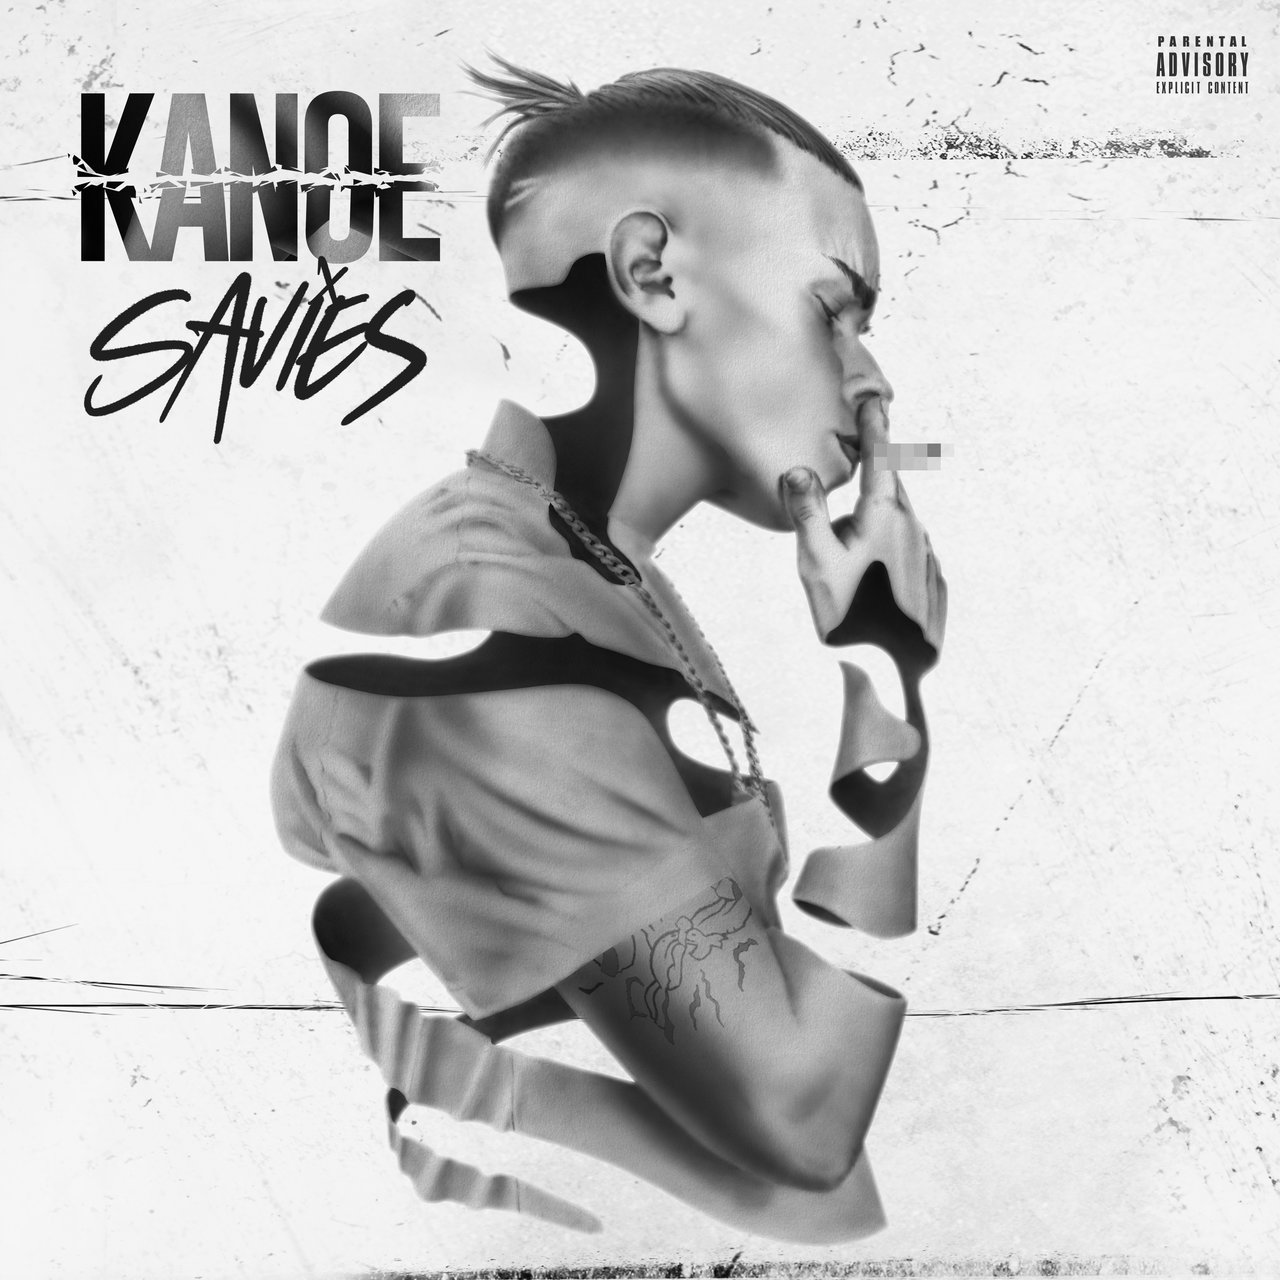 Kanoé - Savies (Cover)